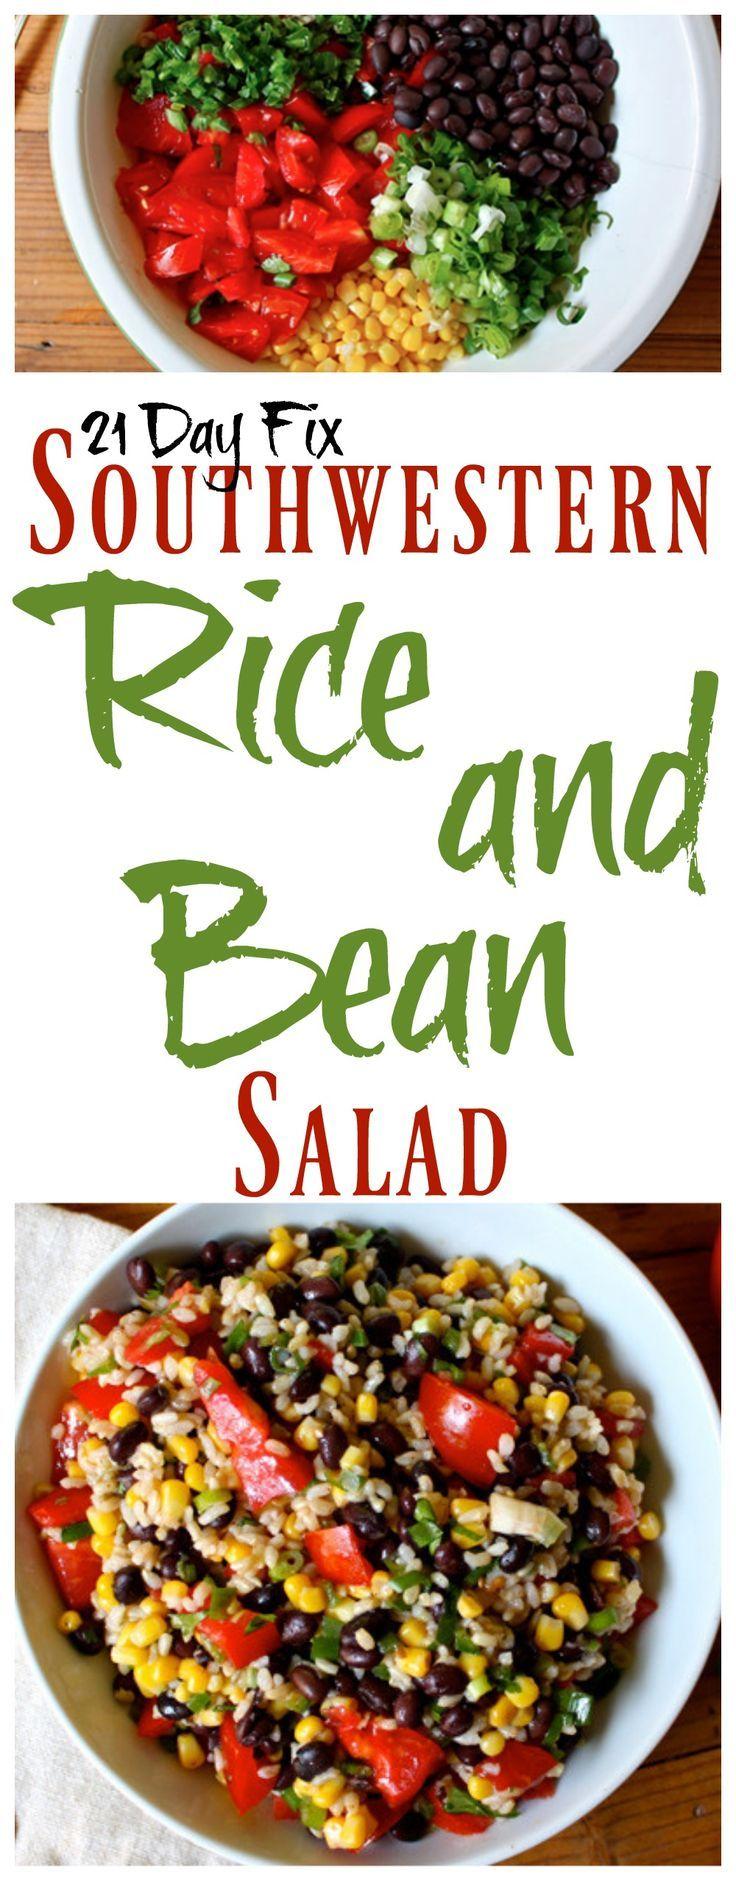 21 Day Fix Rice and Bean Salad #21dayfix #21dayfixrecipes…